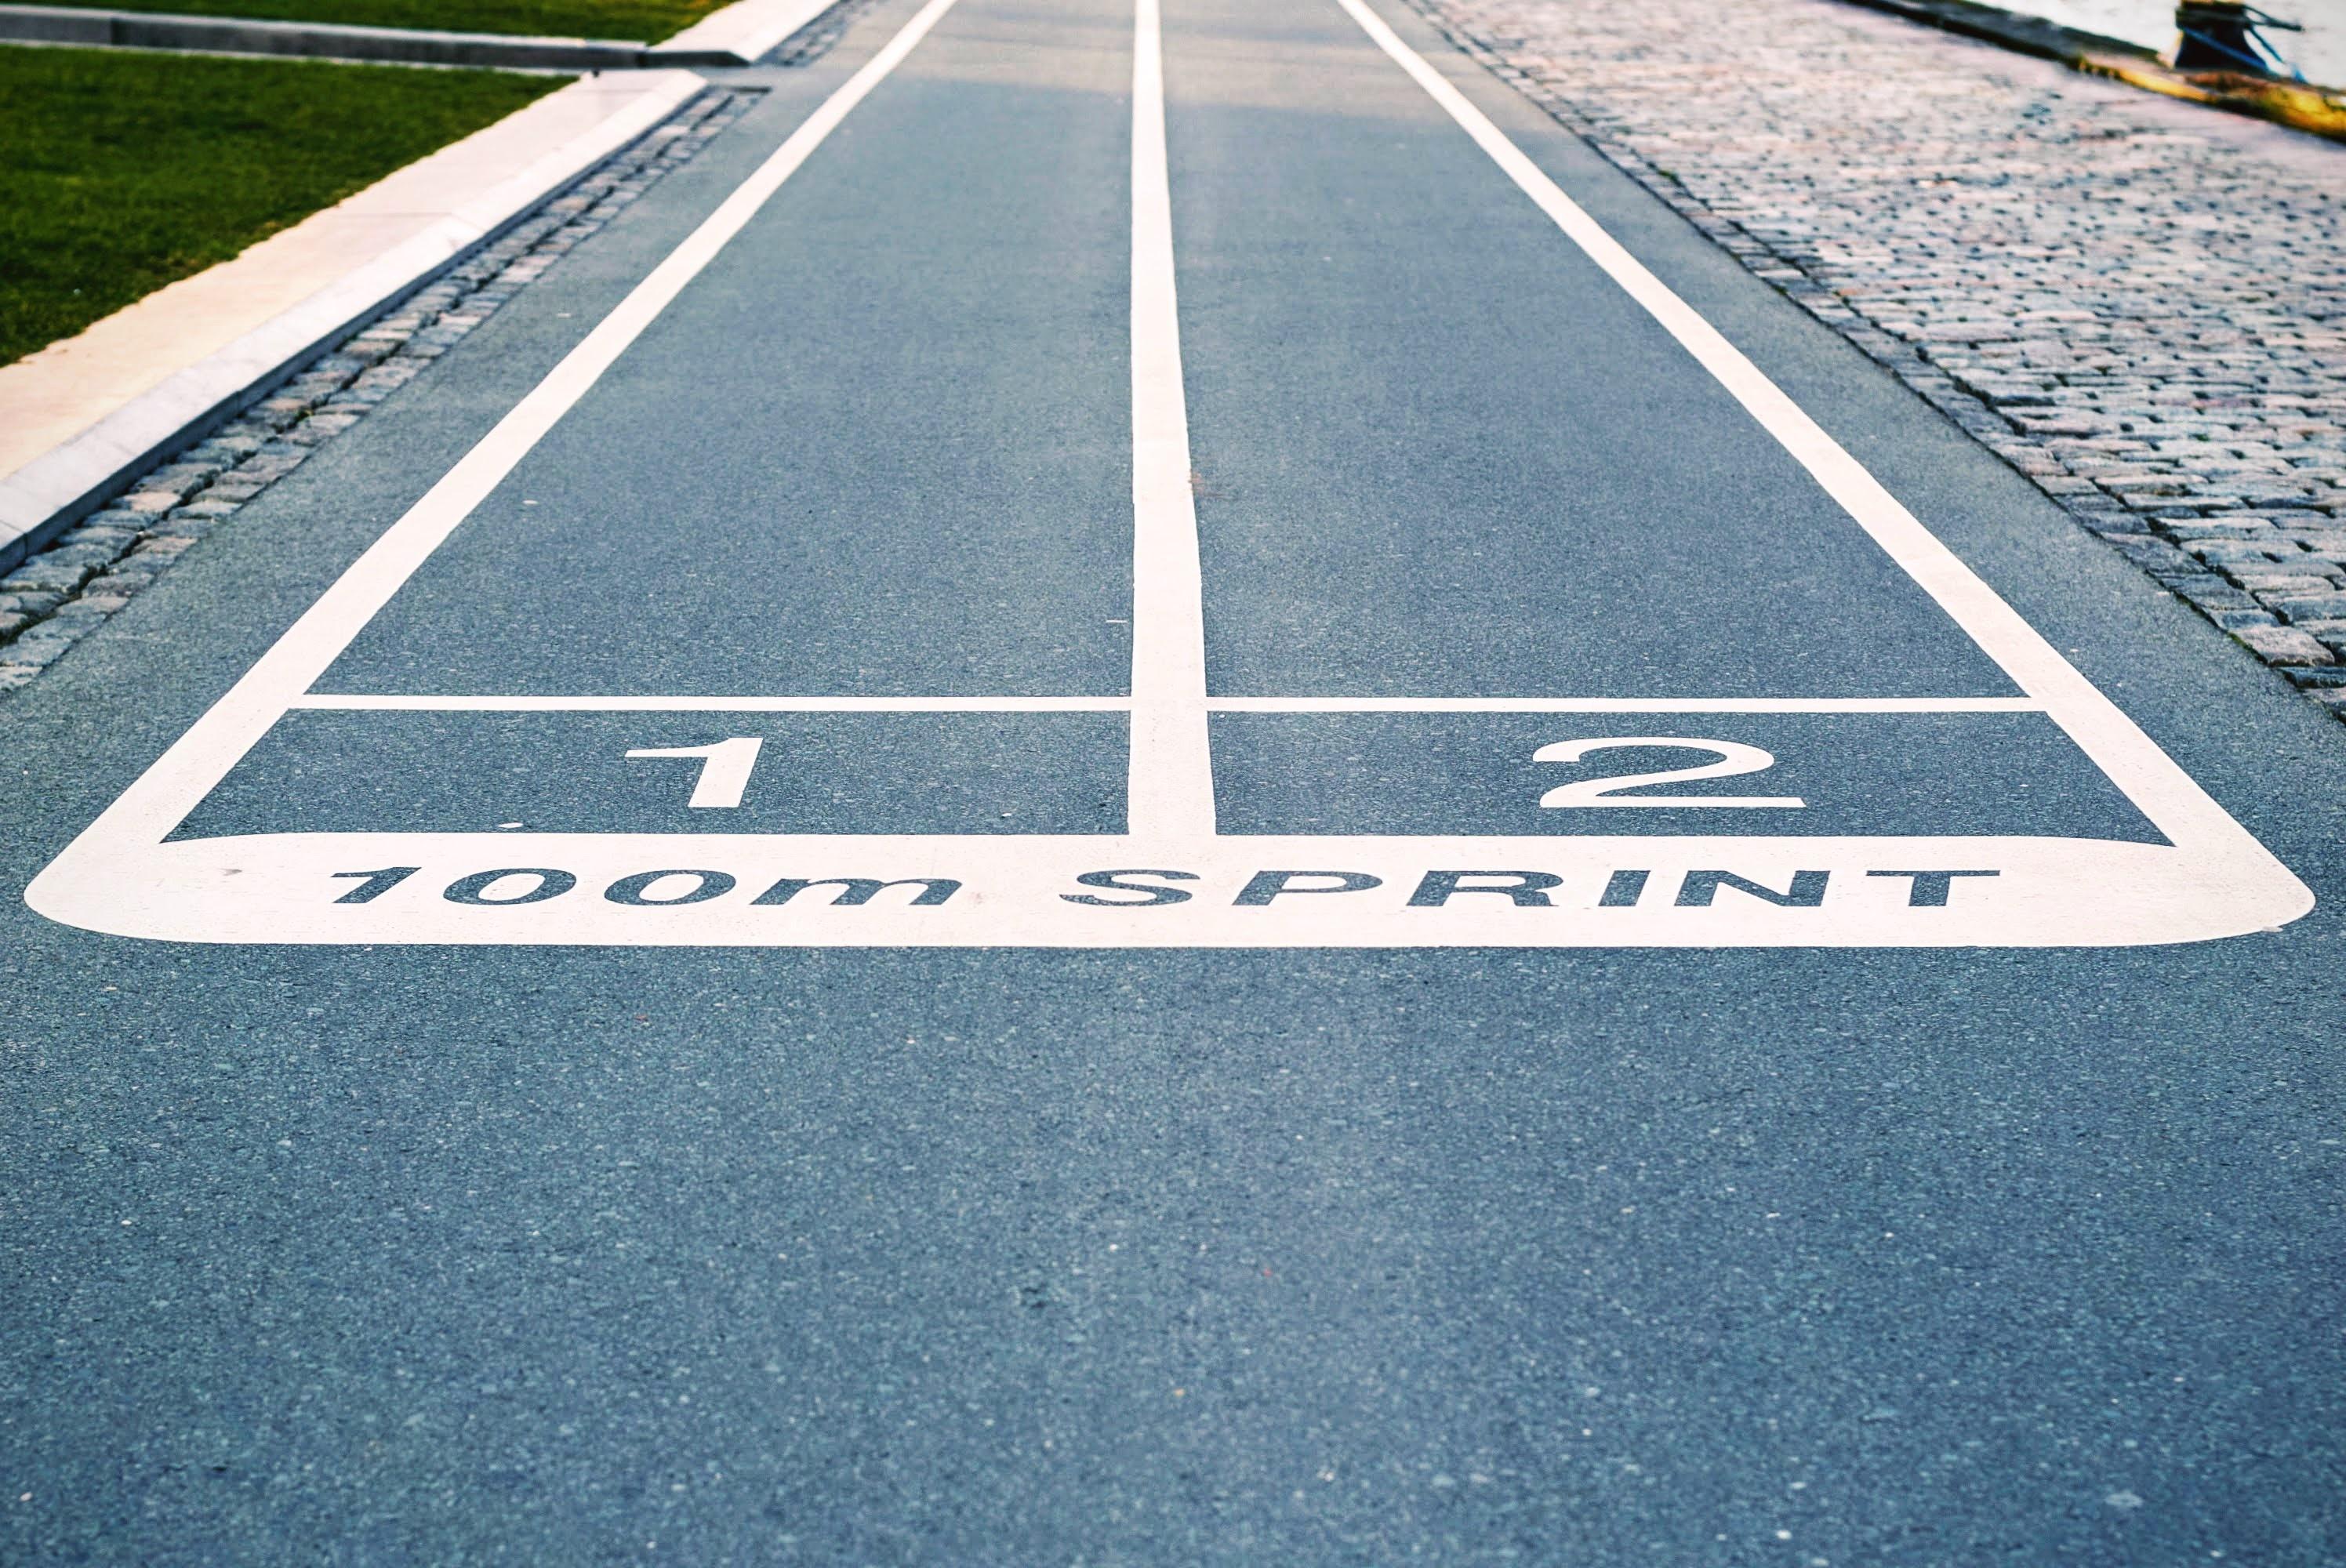 100-meter-dash-lane